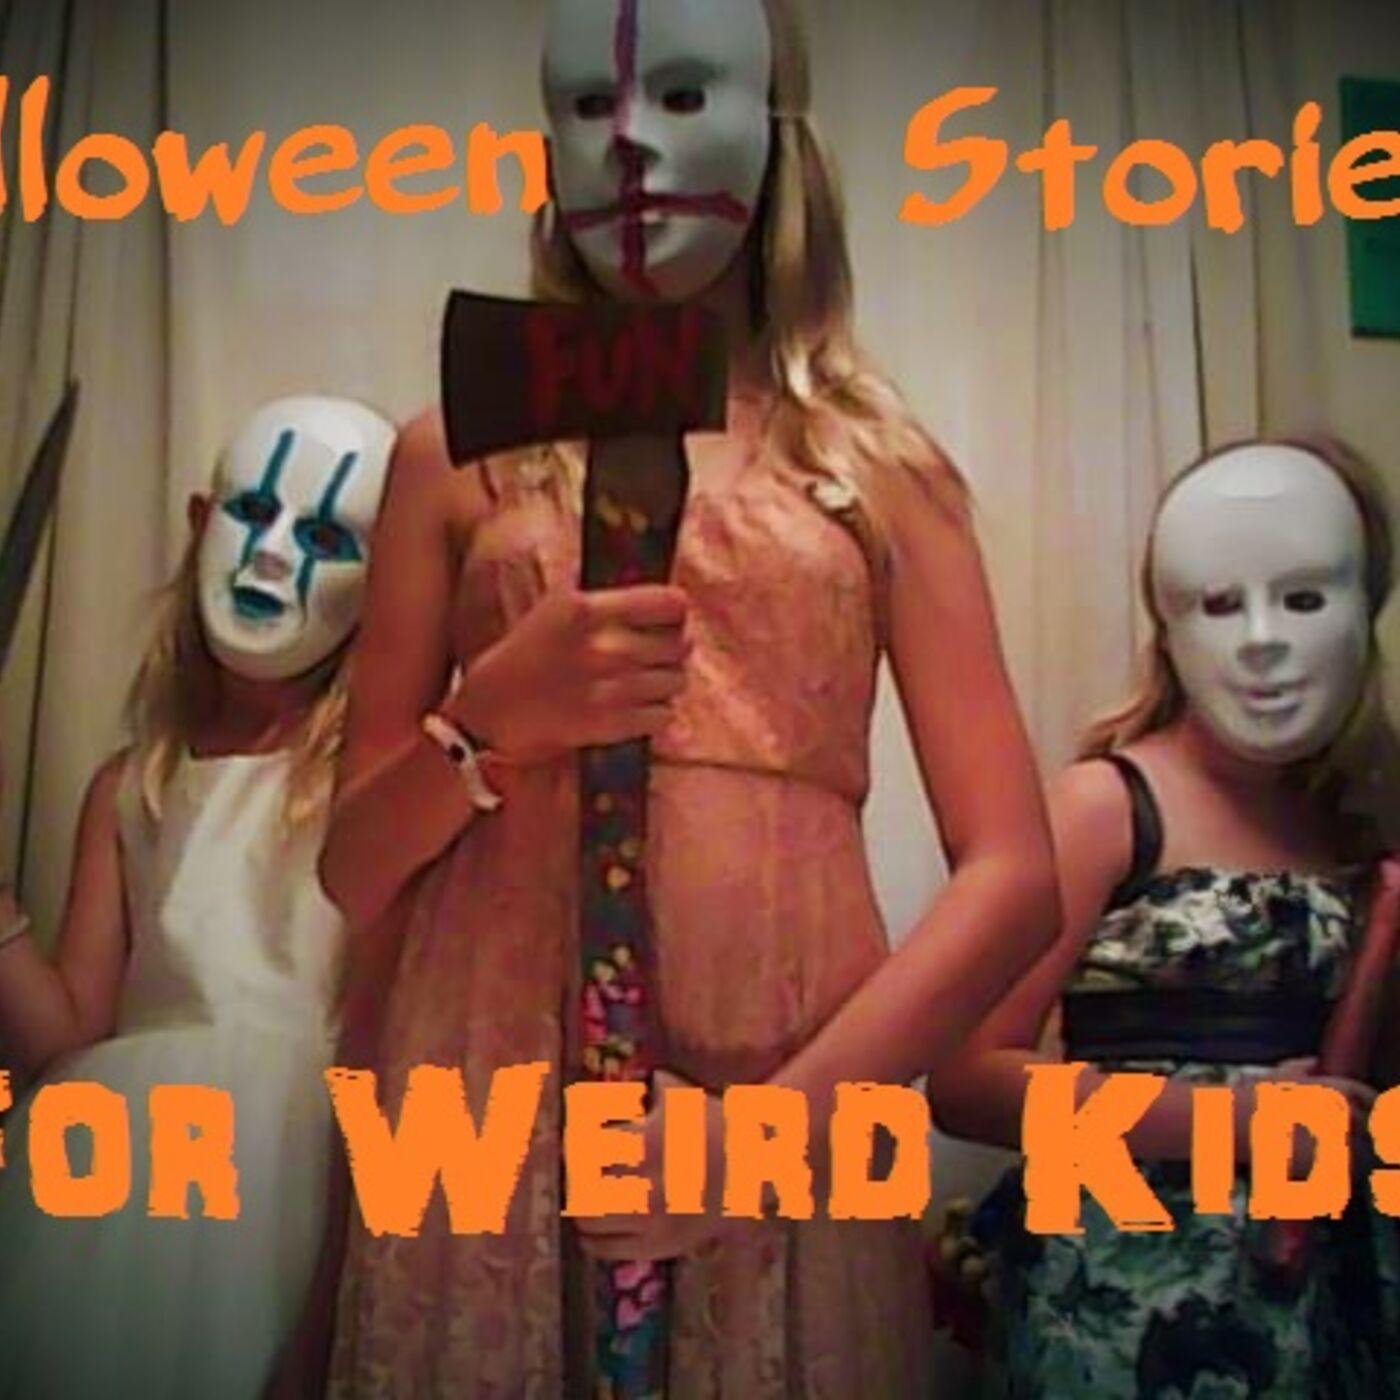 Halloween Stories for Weird Kids